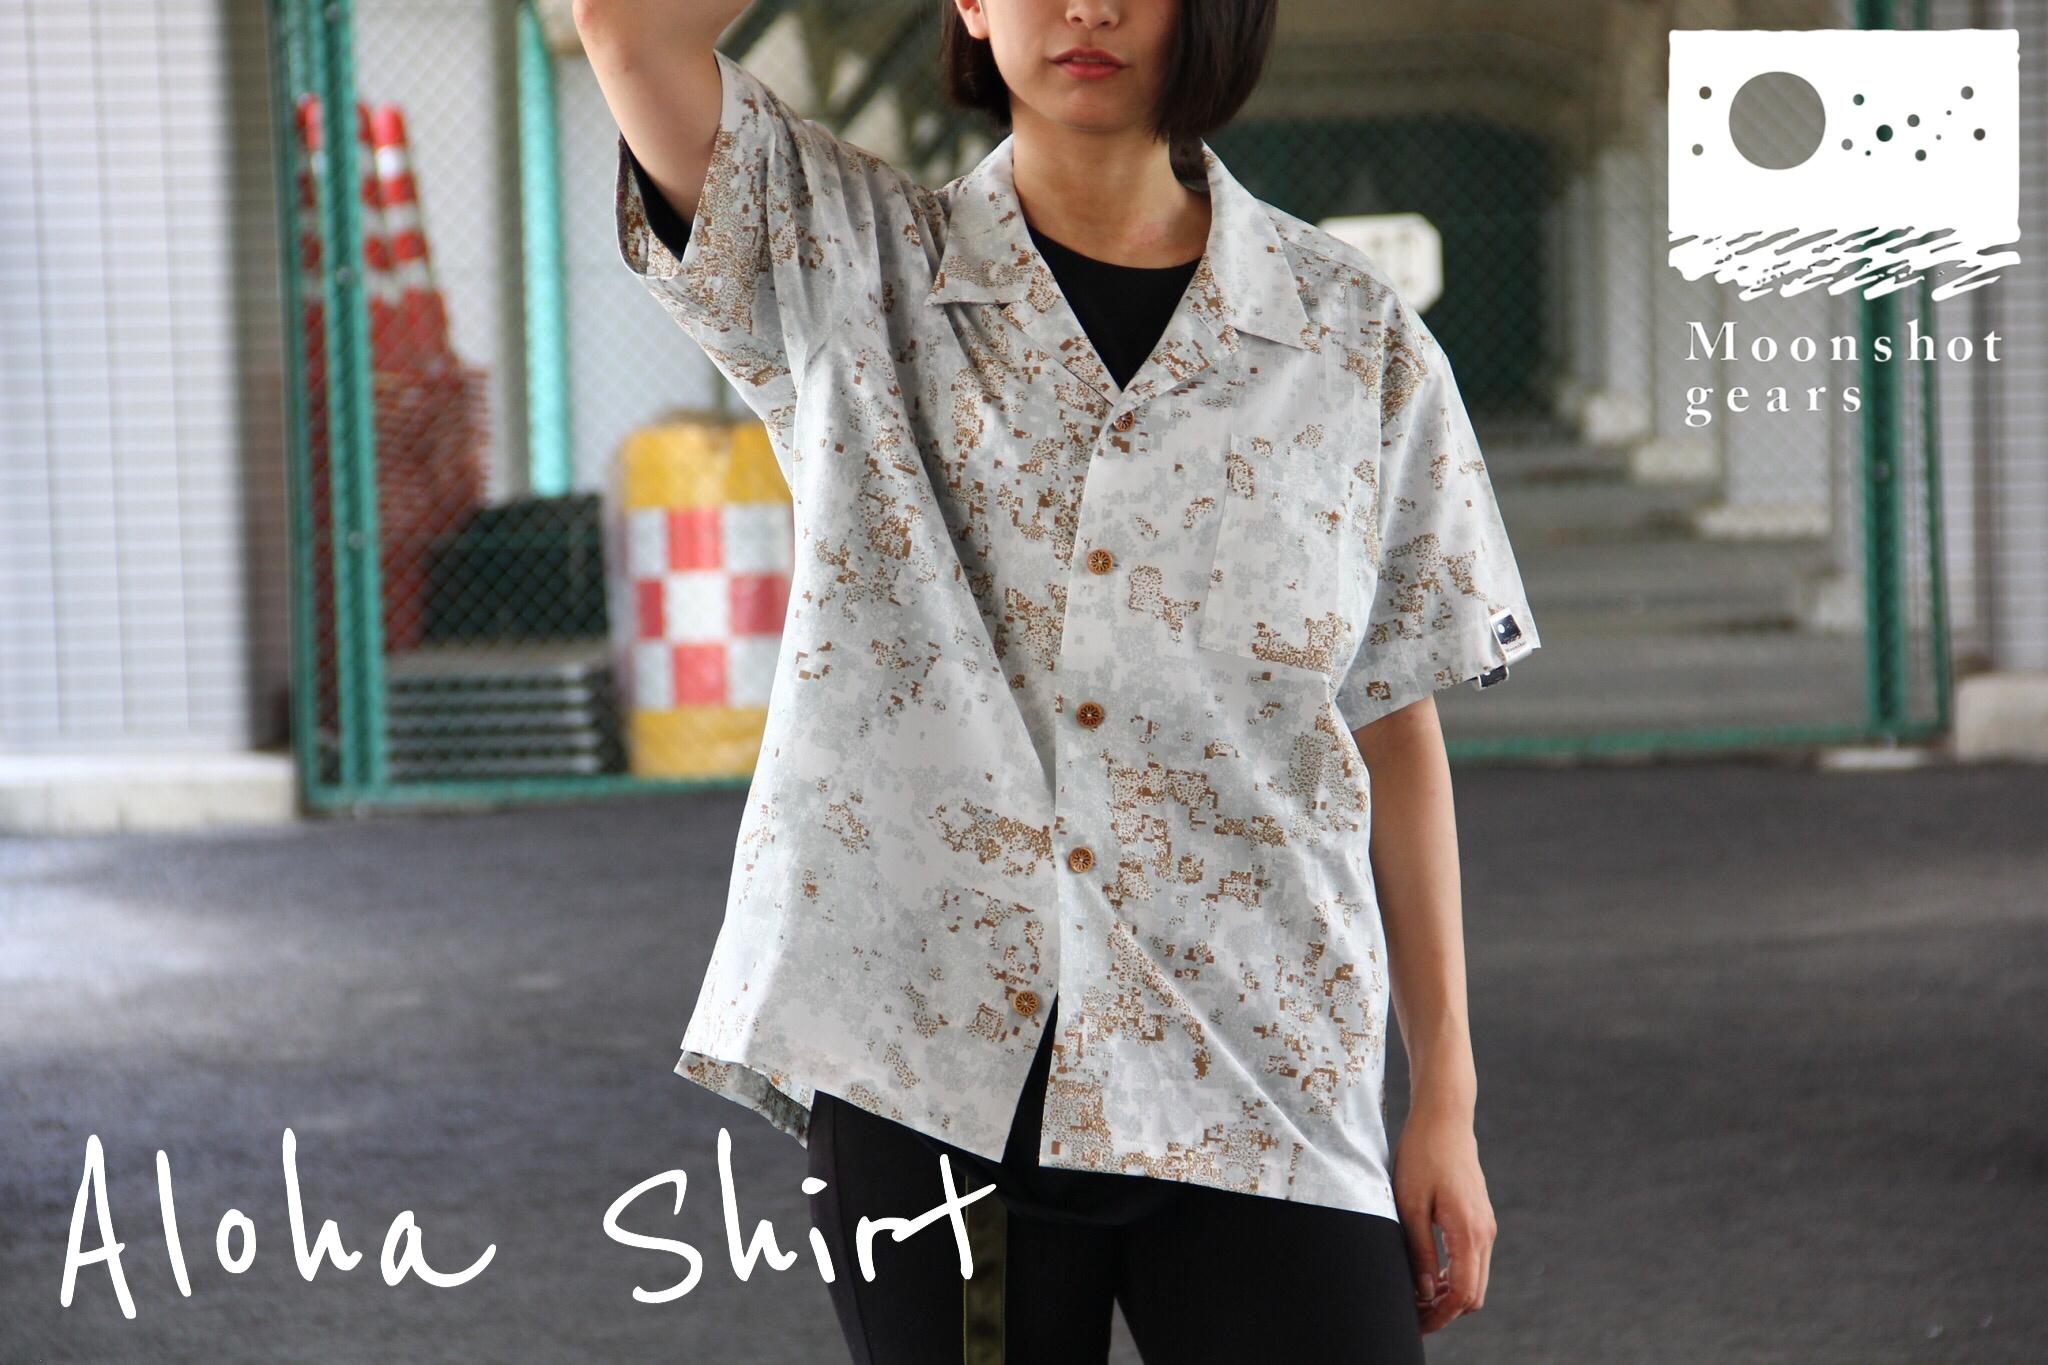 Aloha Shirt (オーダーメイド)